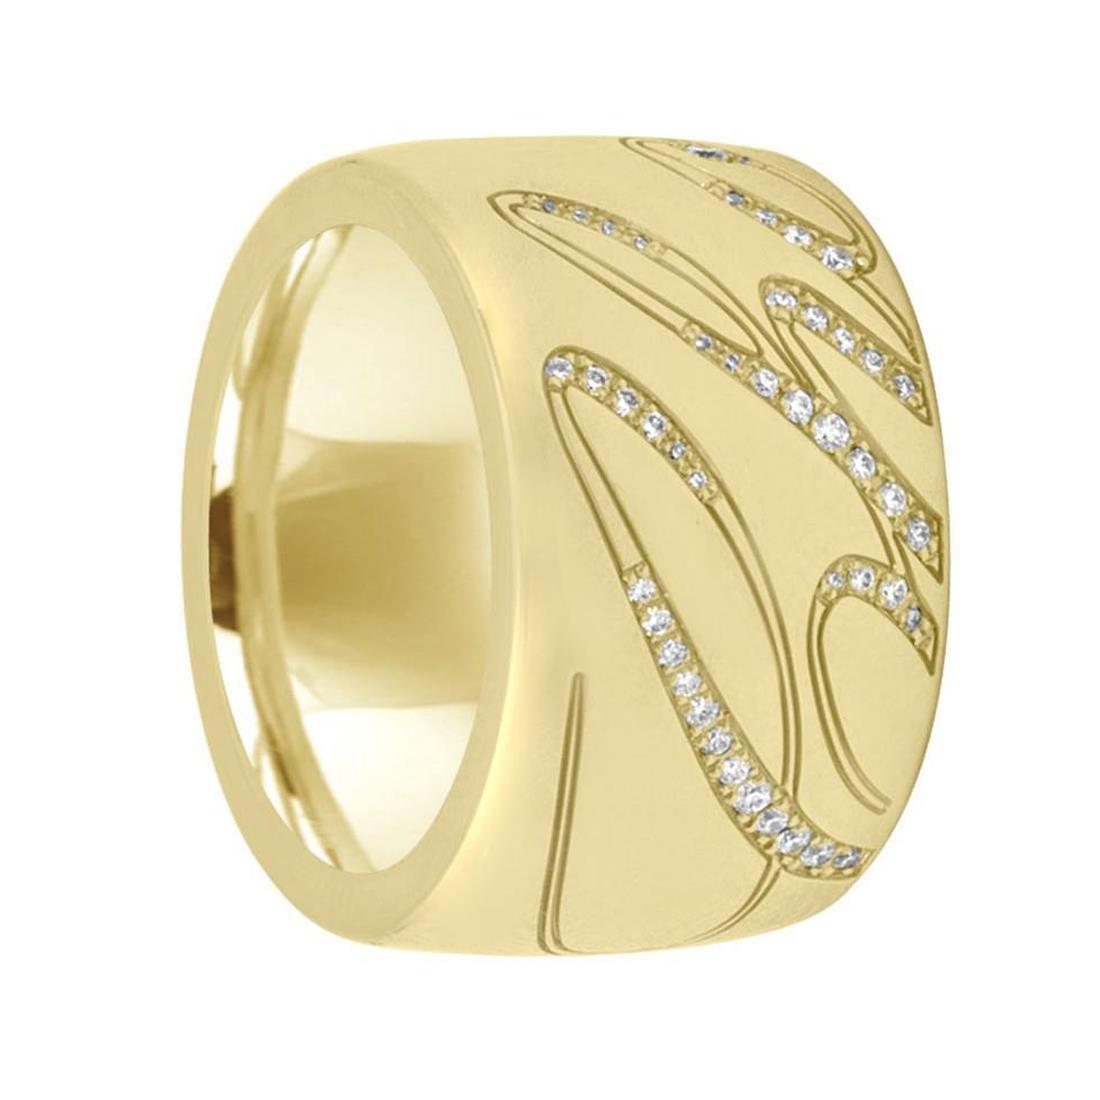 Anello in oro giallo con diamanti. Misura 13 - CHOPARD